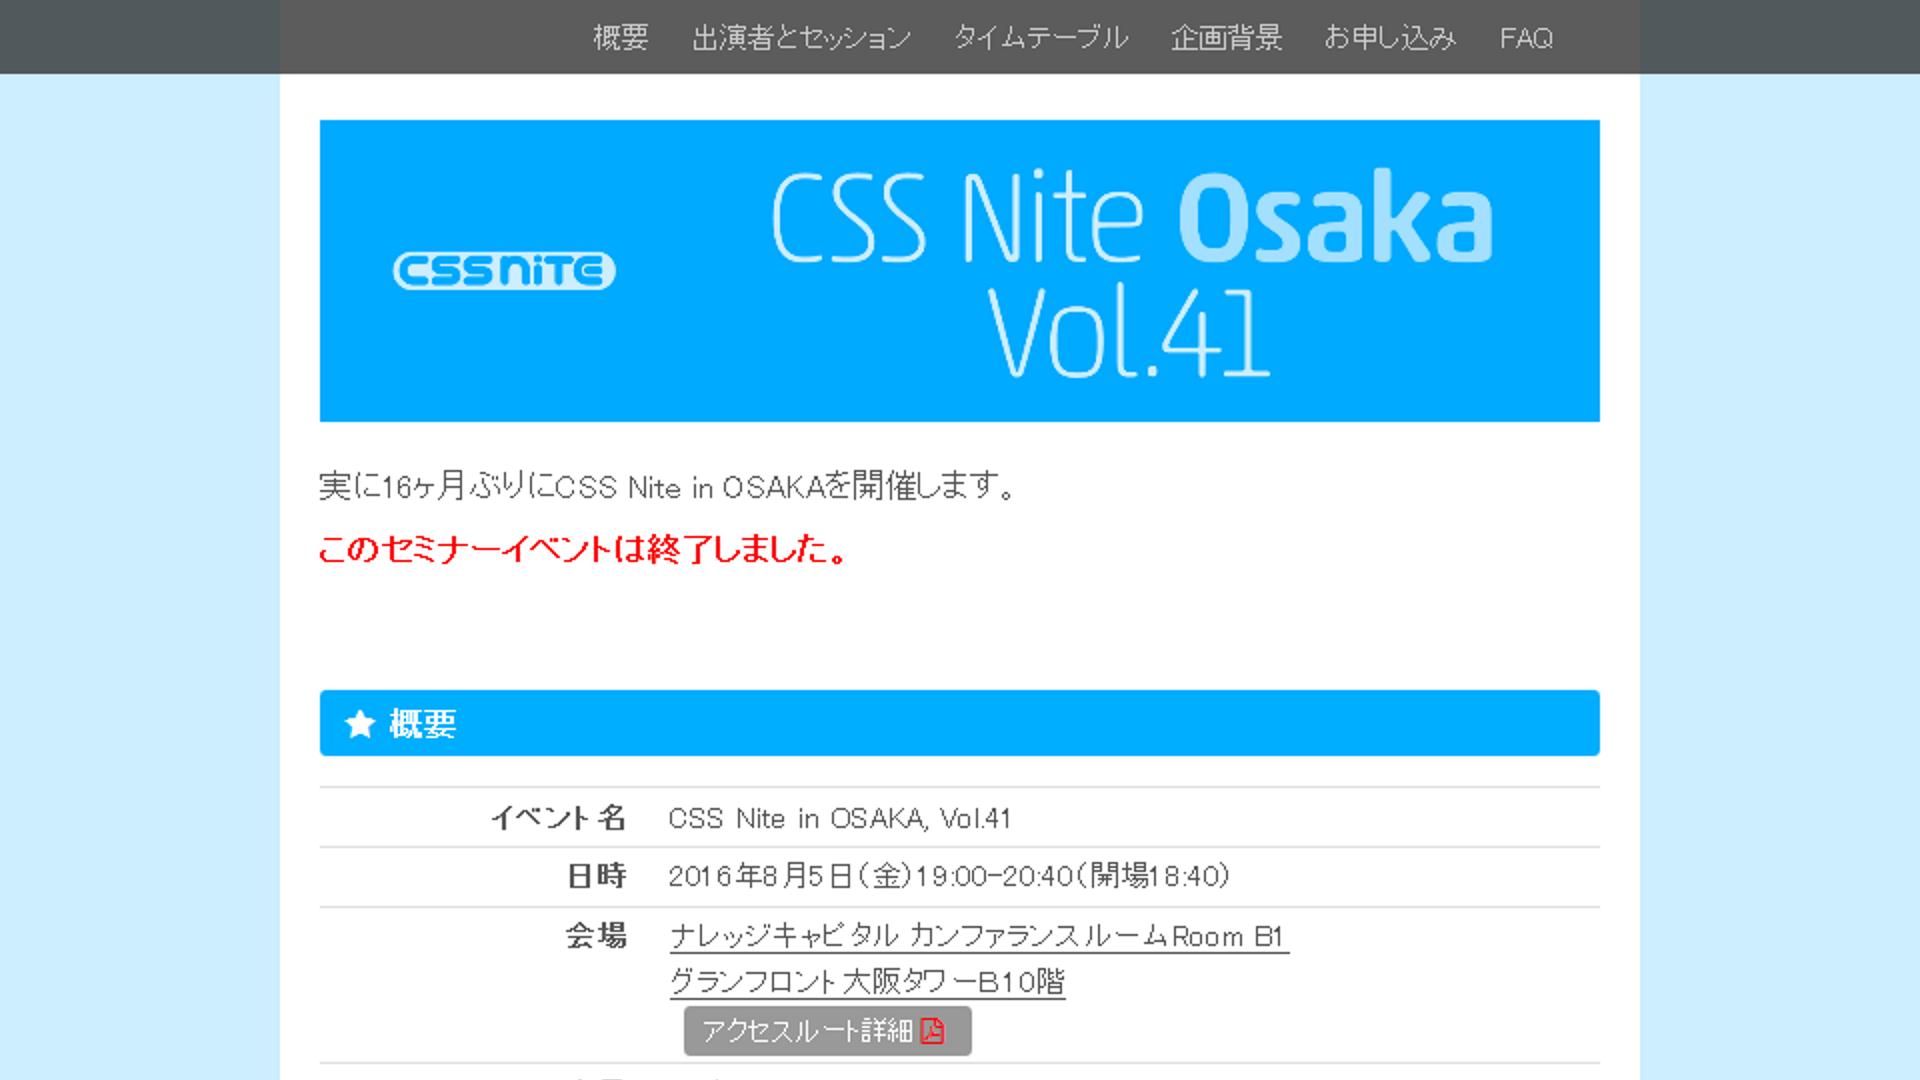 CSS Nite in OSAKA, Vol.41のWebページ